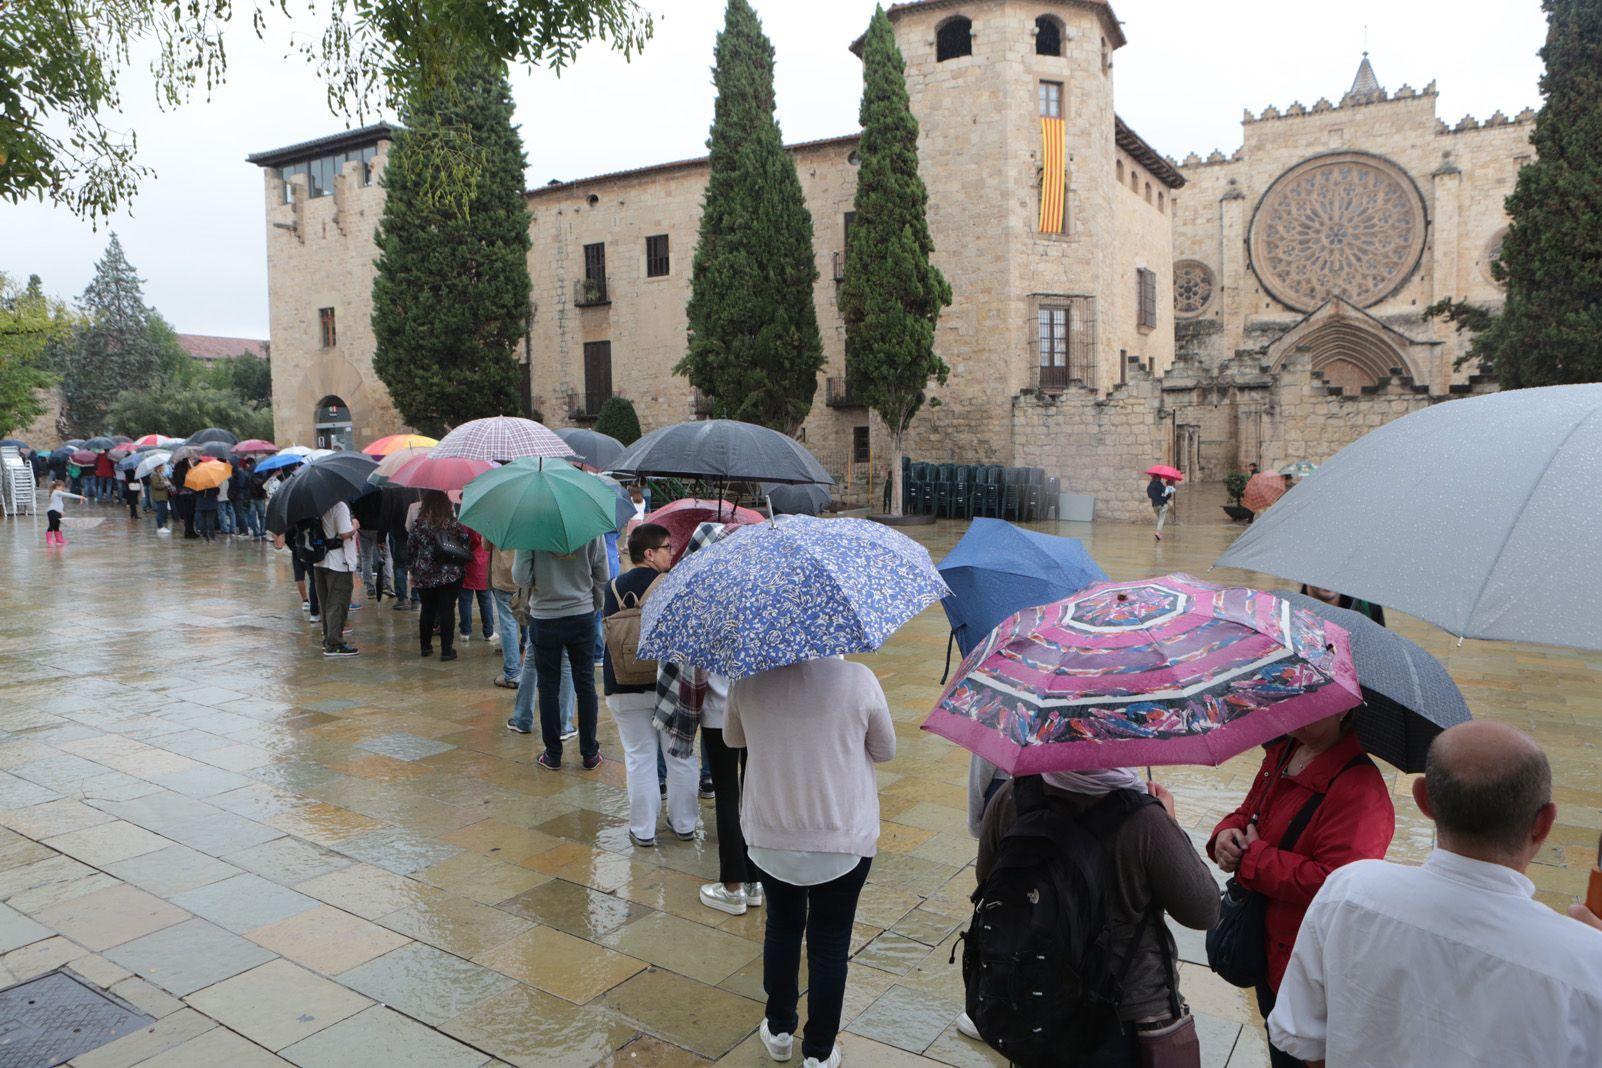 Les cues sota la pluja. Foto: Artur Rivera